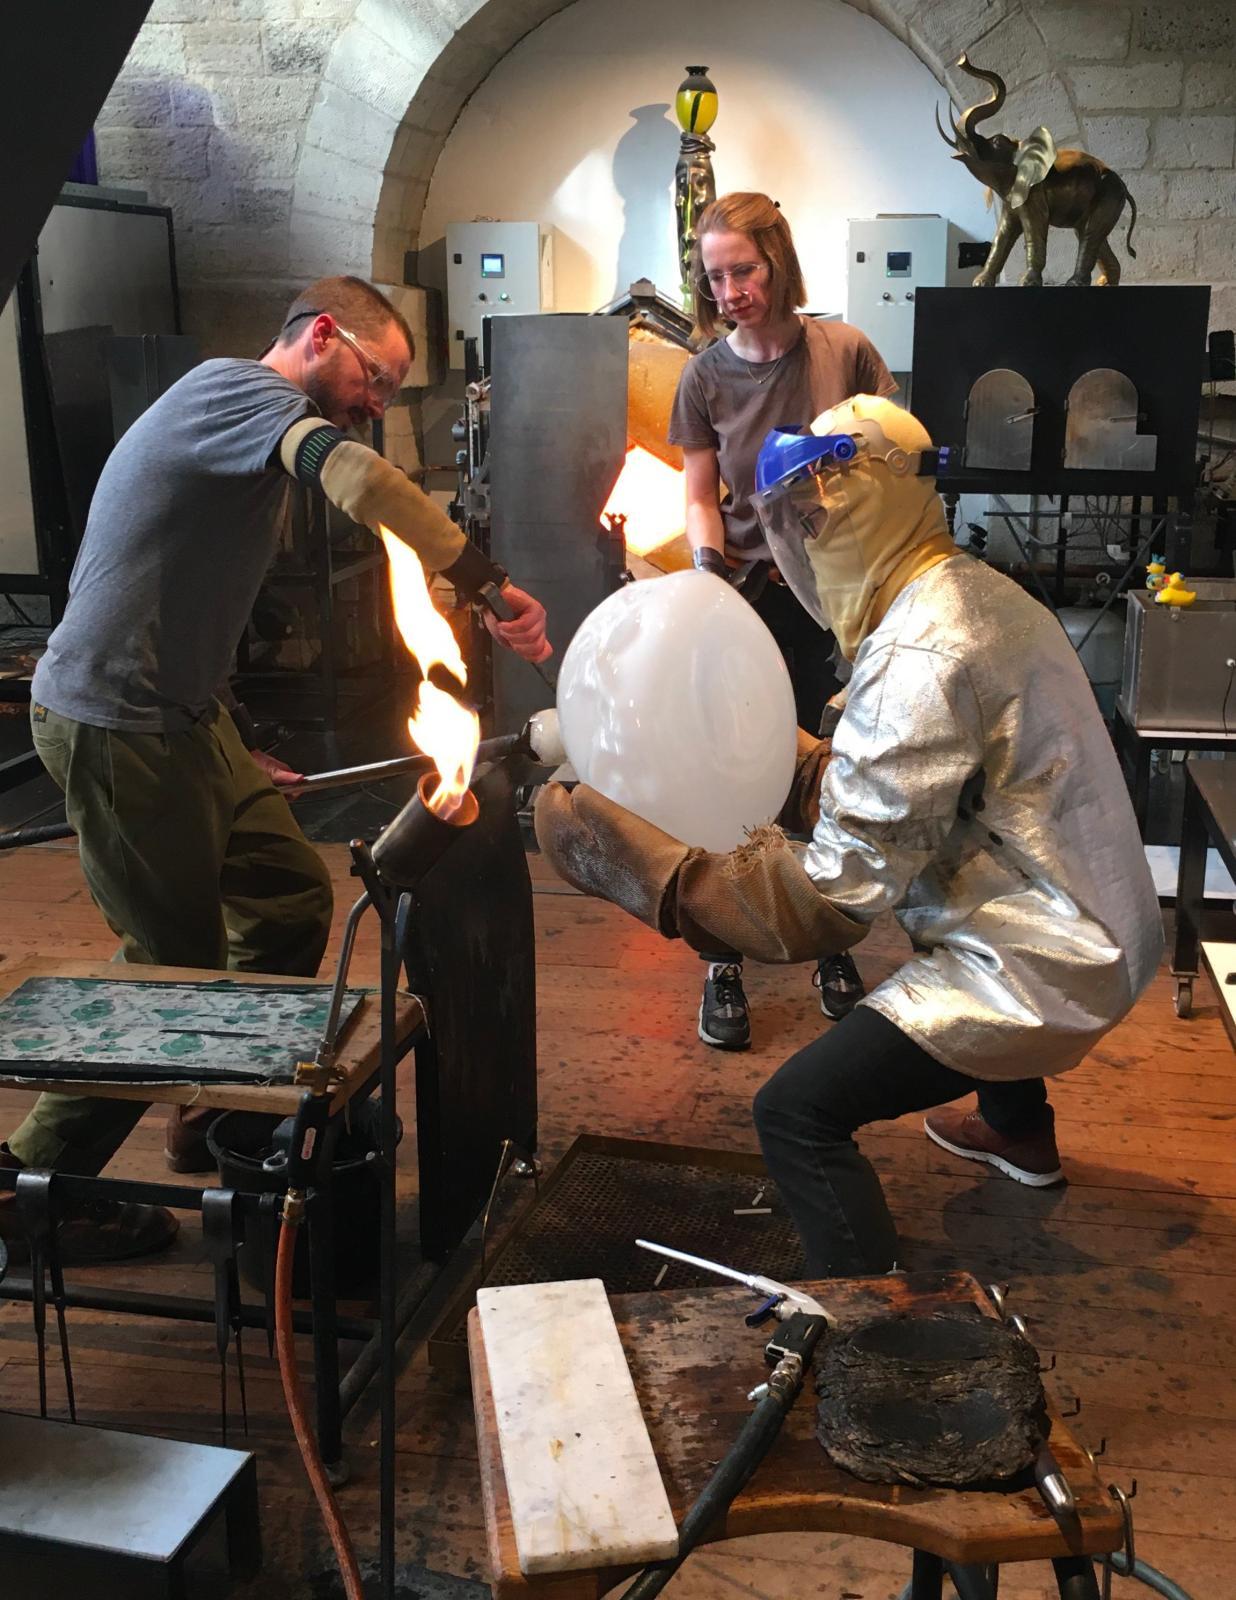 Dans l'atelier de Jérémy Maxwell WintrebertLa pièce en verre terminée est détachée de la canne avant d'être placée dans l'arche